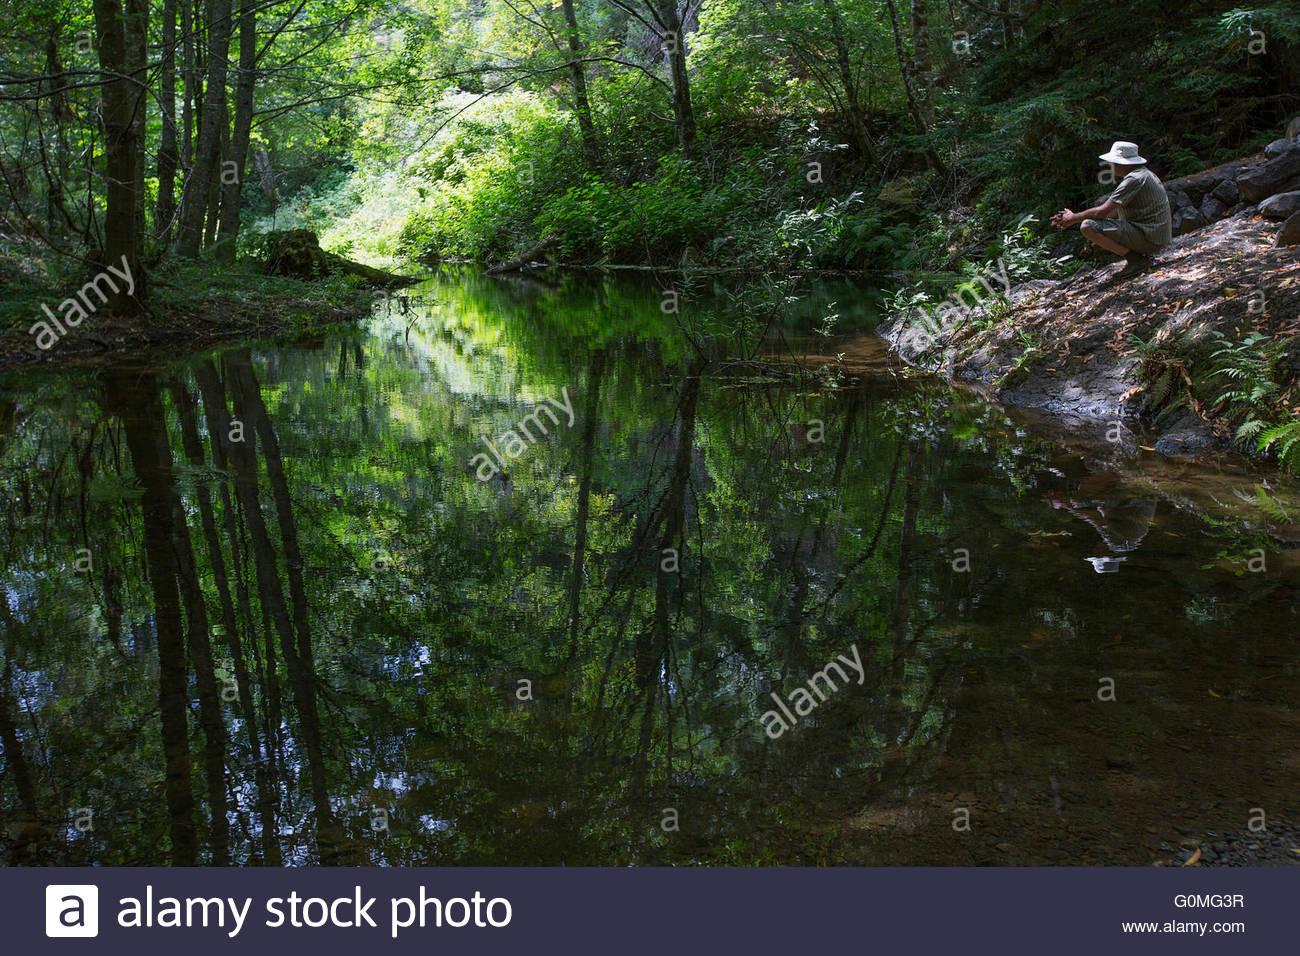 Hombre en cuclillas en el tranquilo lago en maderas Imagen De Stock